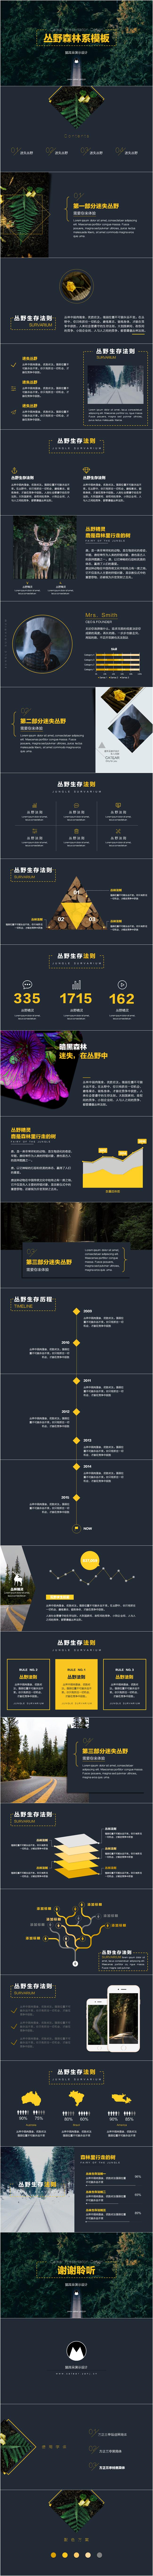 【猫耳朵】丛野森林系时尚橙色林木业动态模板